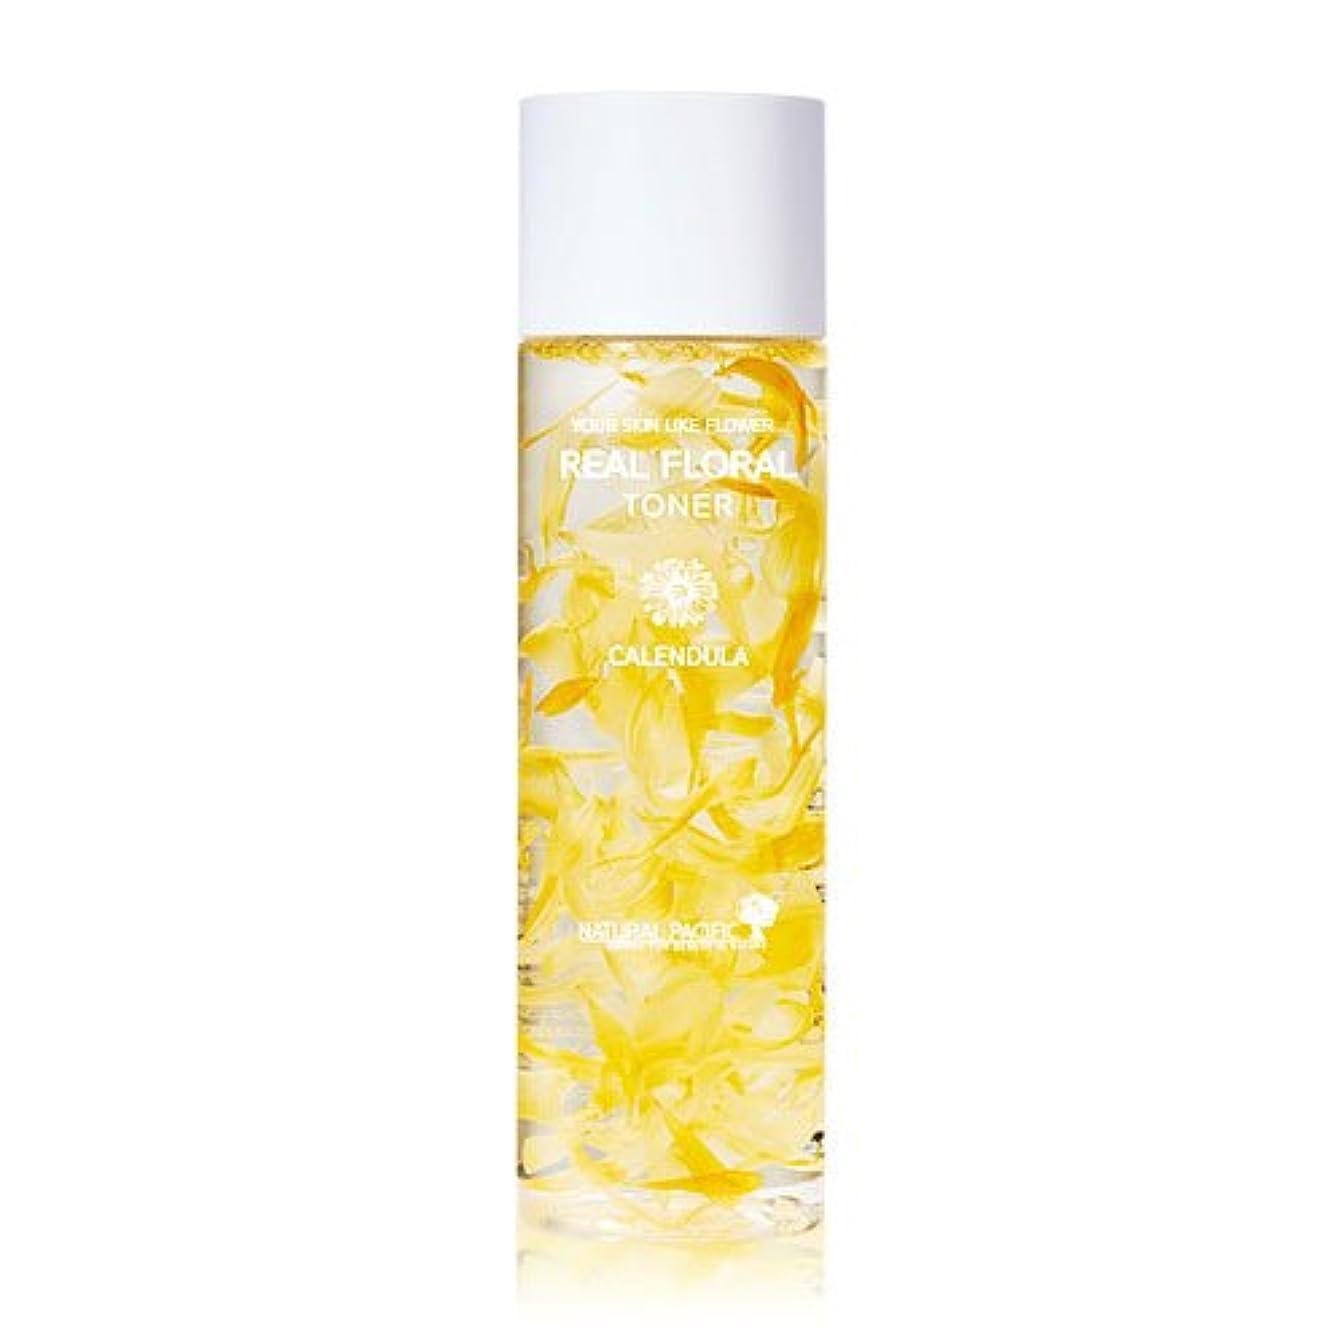 [Renewal] NATURAL PACIFIC Real Calendula Floral Toner 180ml/ナチュラルパシフィック リアル カレンデュラ フローラル トナー 180ml [並行輸入品]